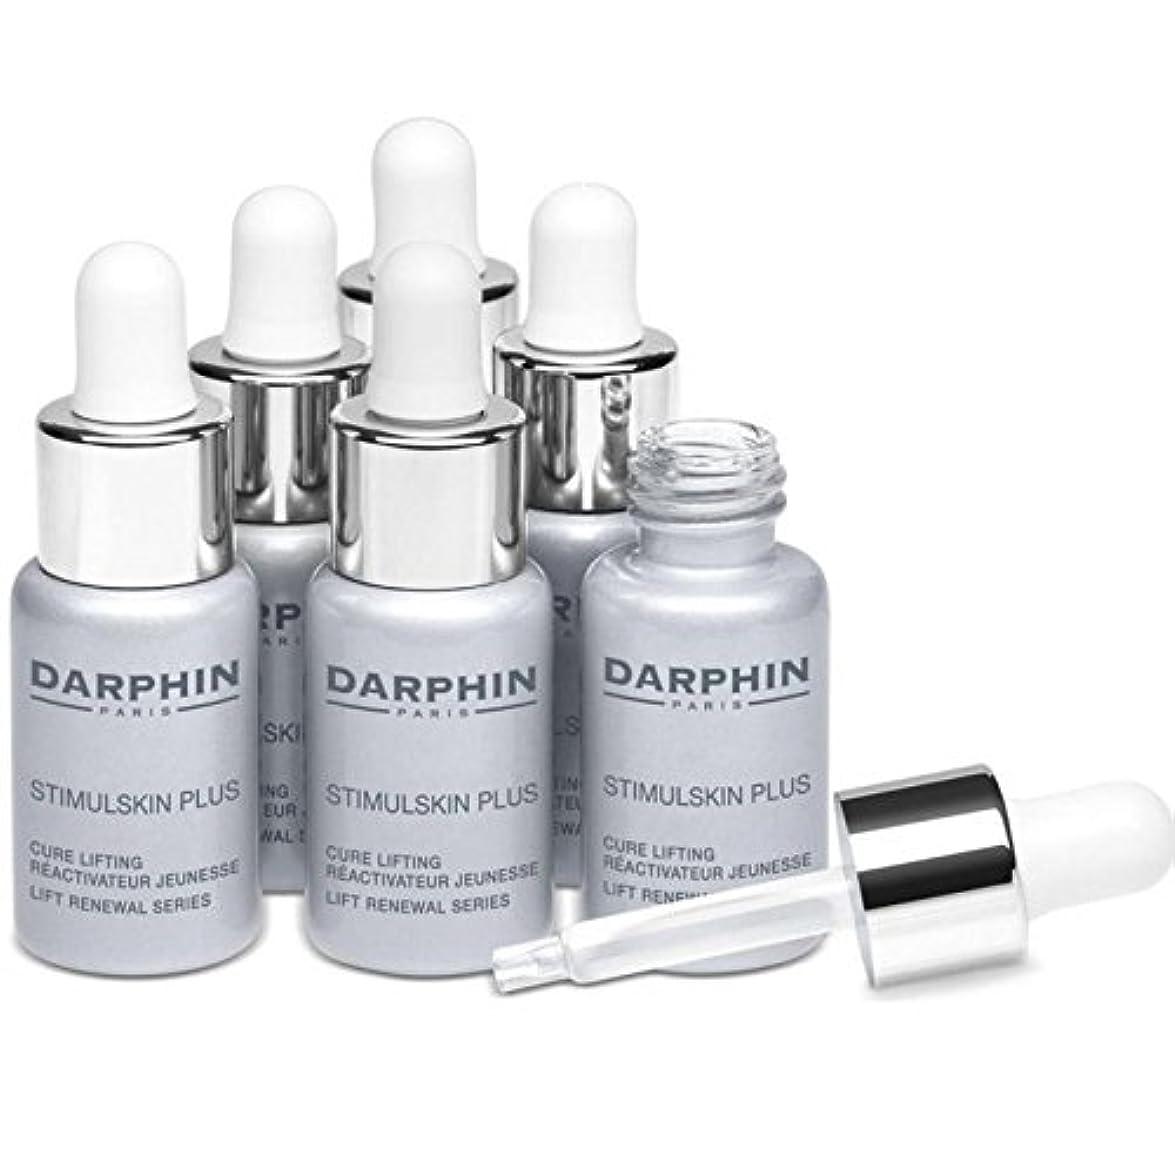 愛するに対応する作るDarphin Stimulskin Plus Lift Renewal Series (Pack of 6) - ダルファンスティプラスリフトリニューアルシリーズ x6 [並行輸入品]